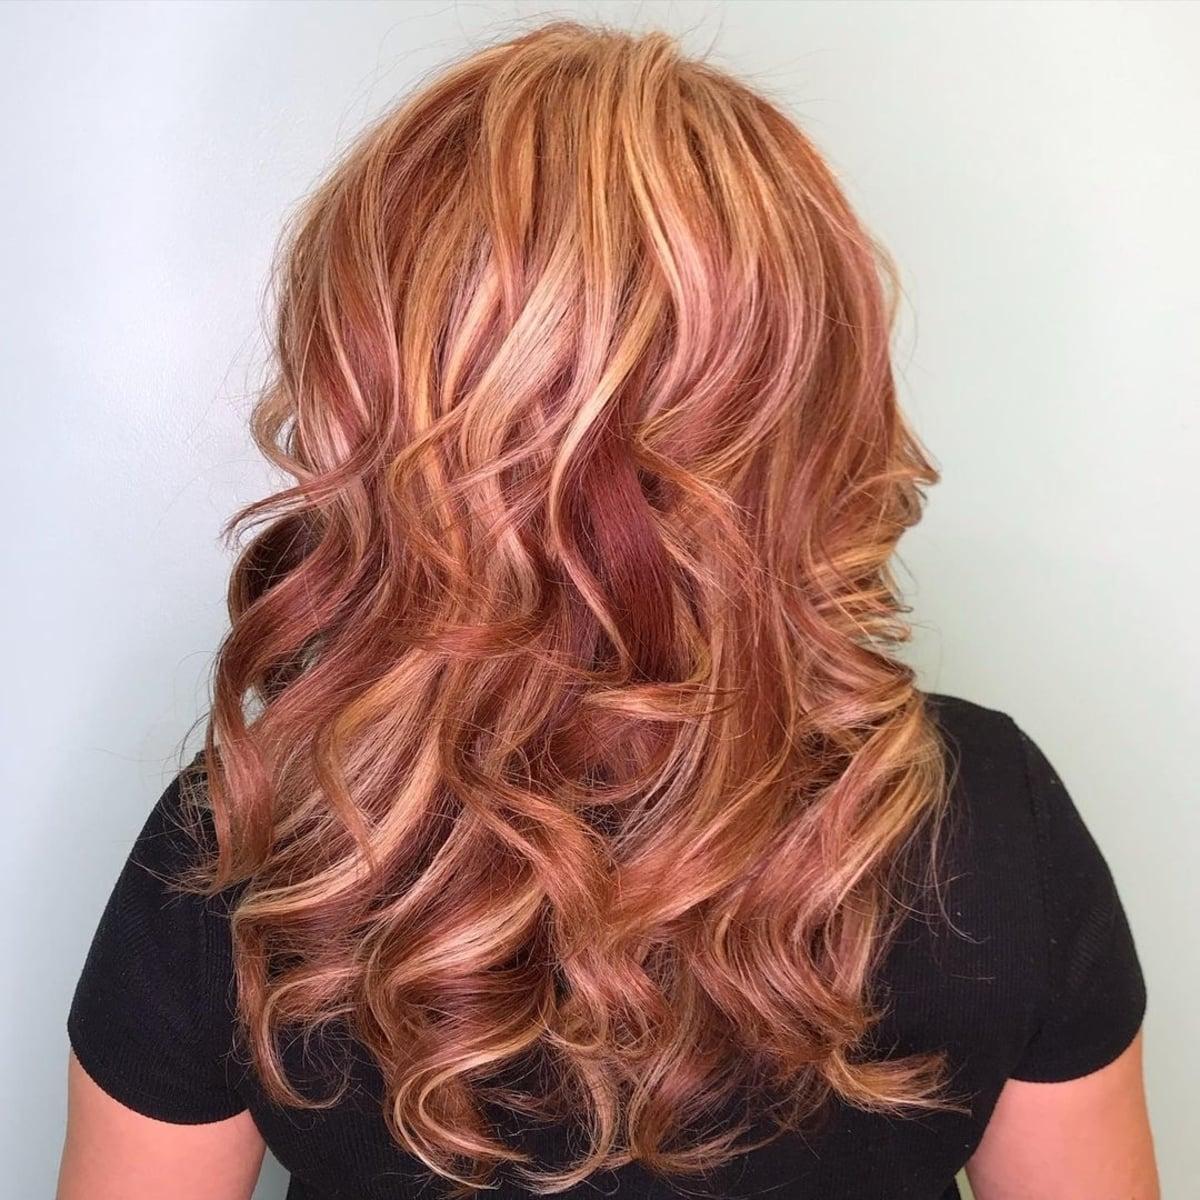 Cheveux roux avec des mèches blondes